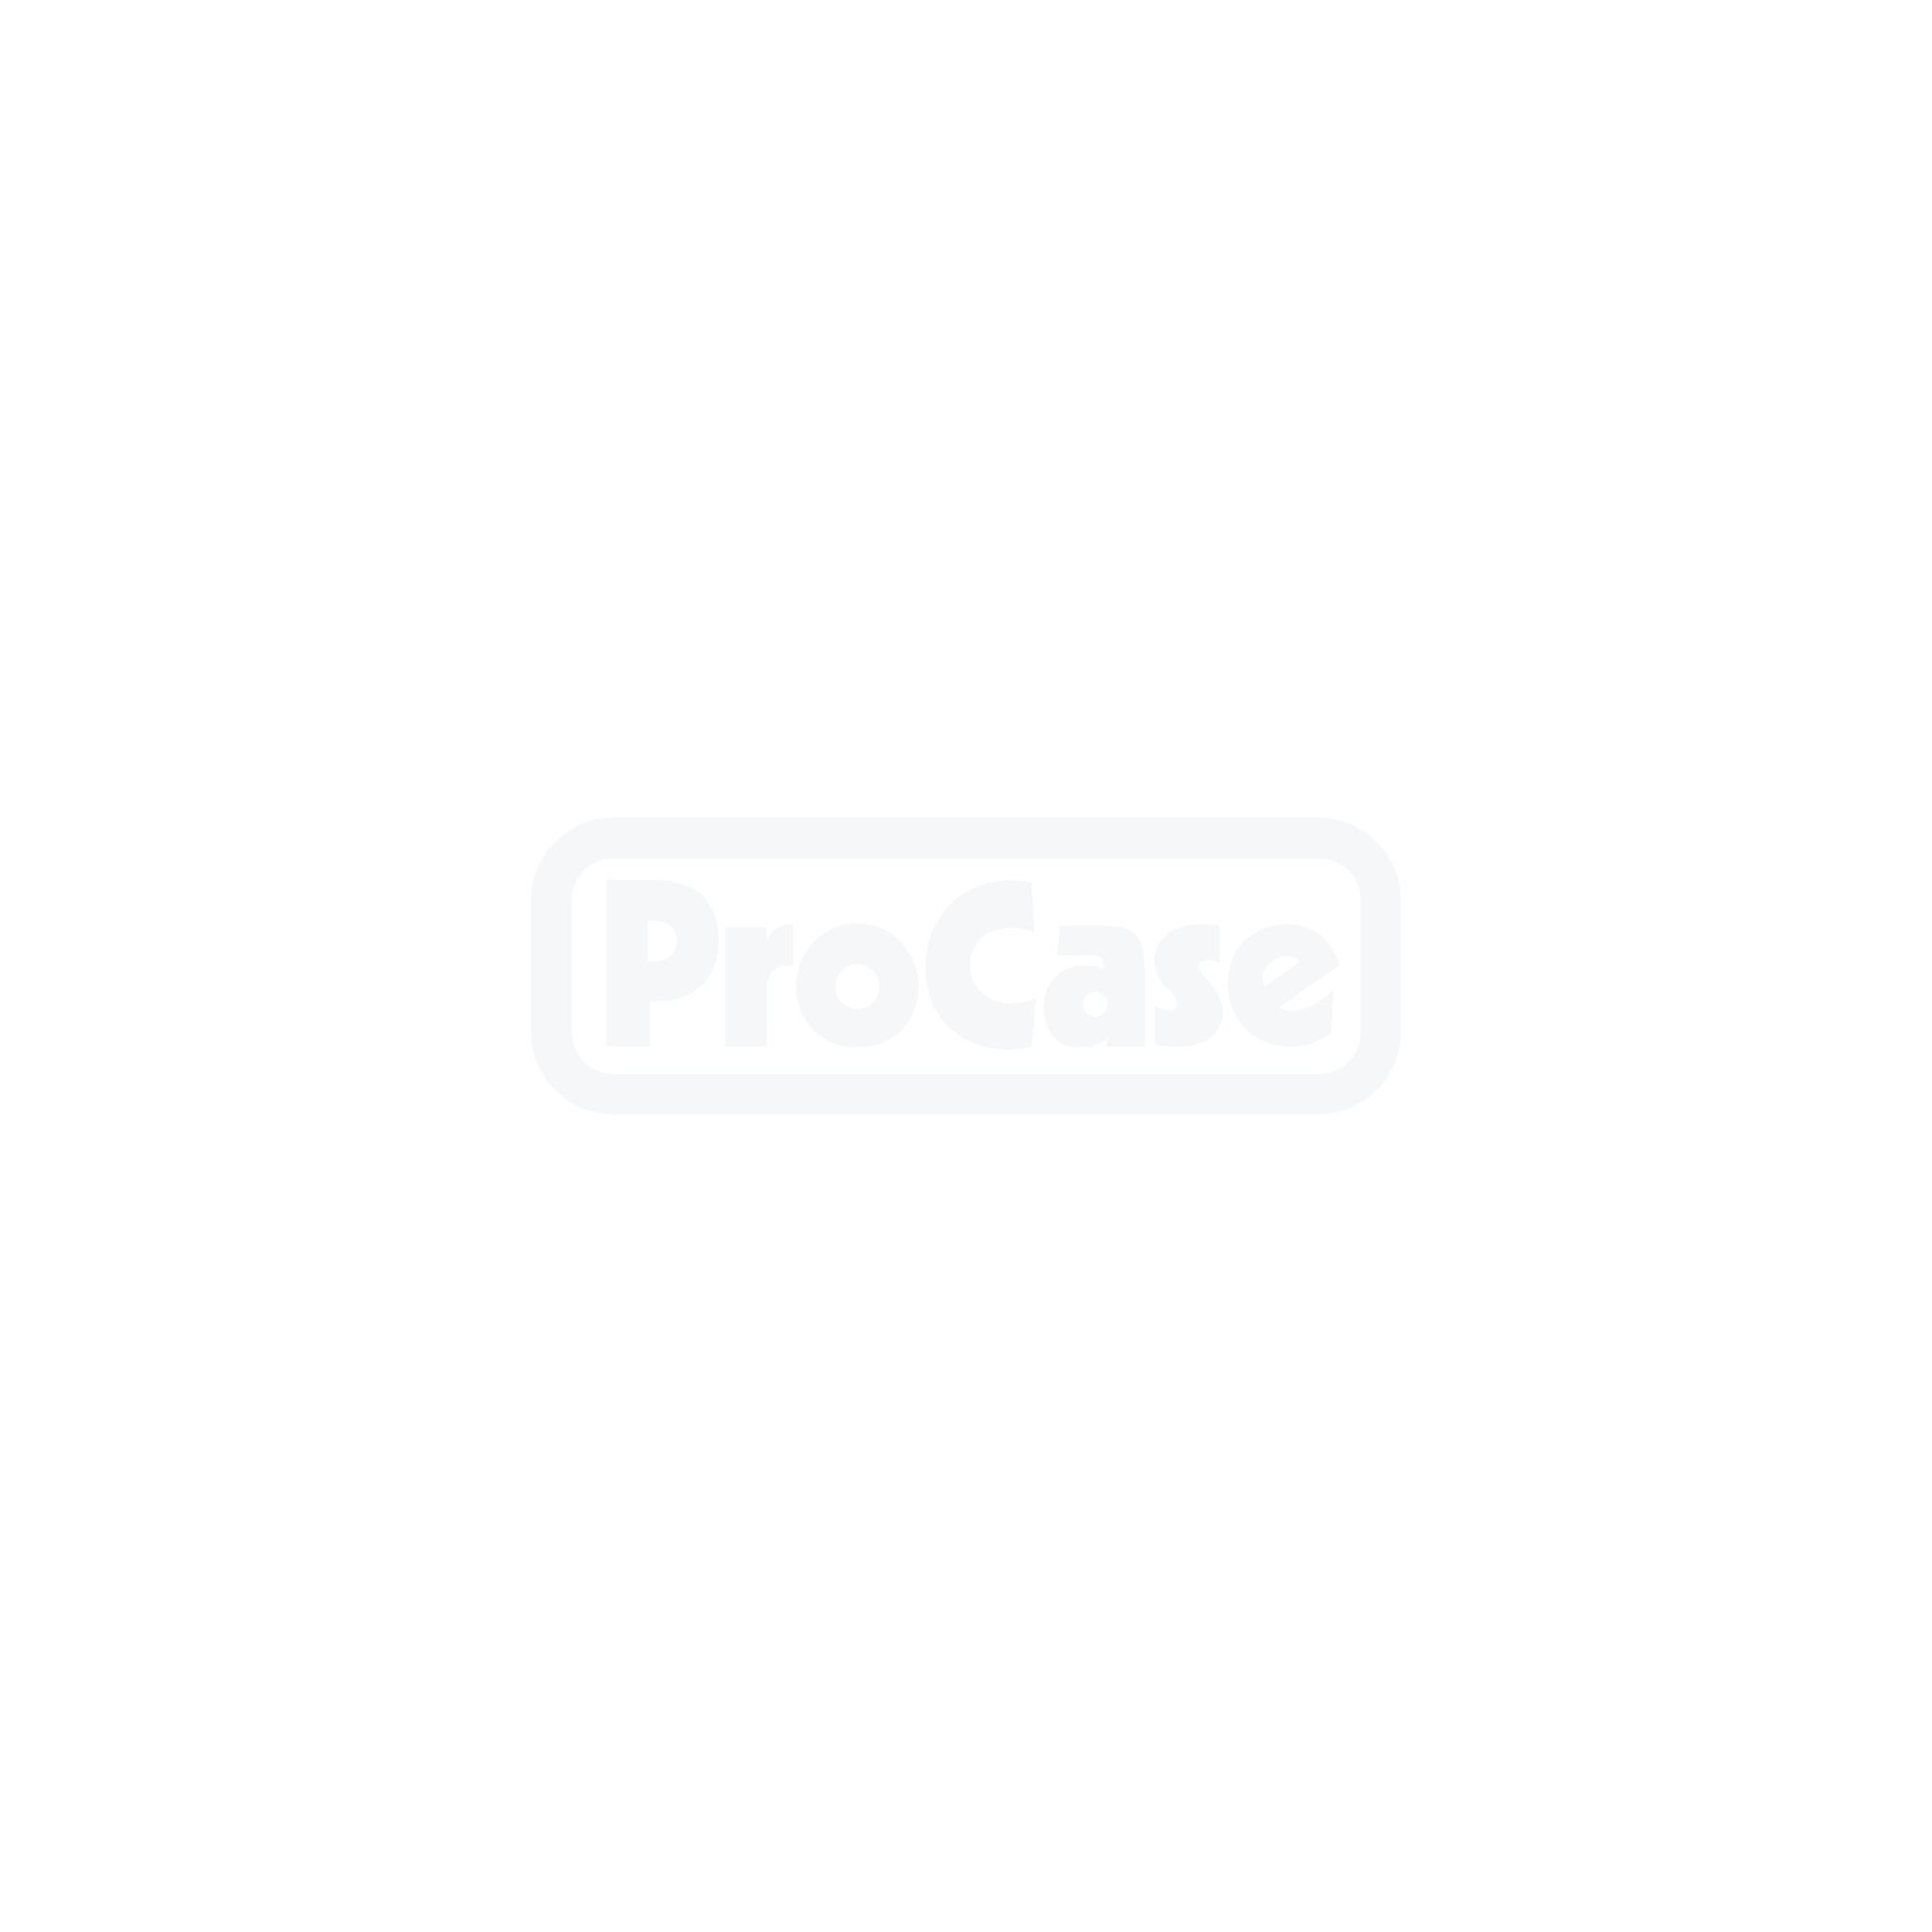 SKB 3i Koffer 2617-12 leer mit Trolley